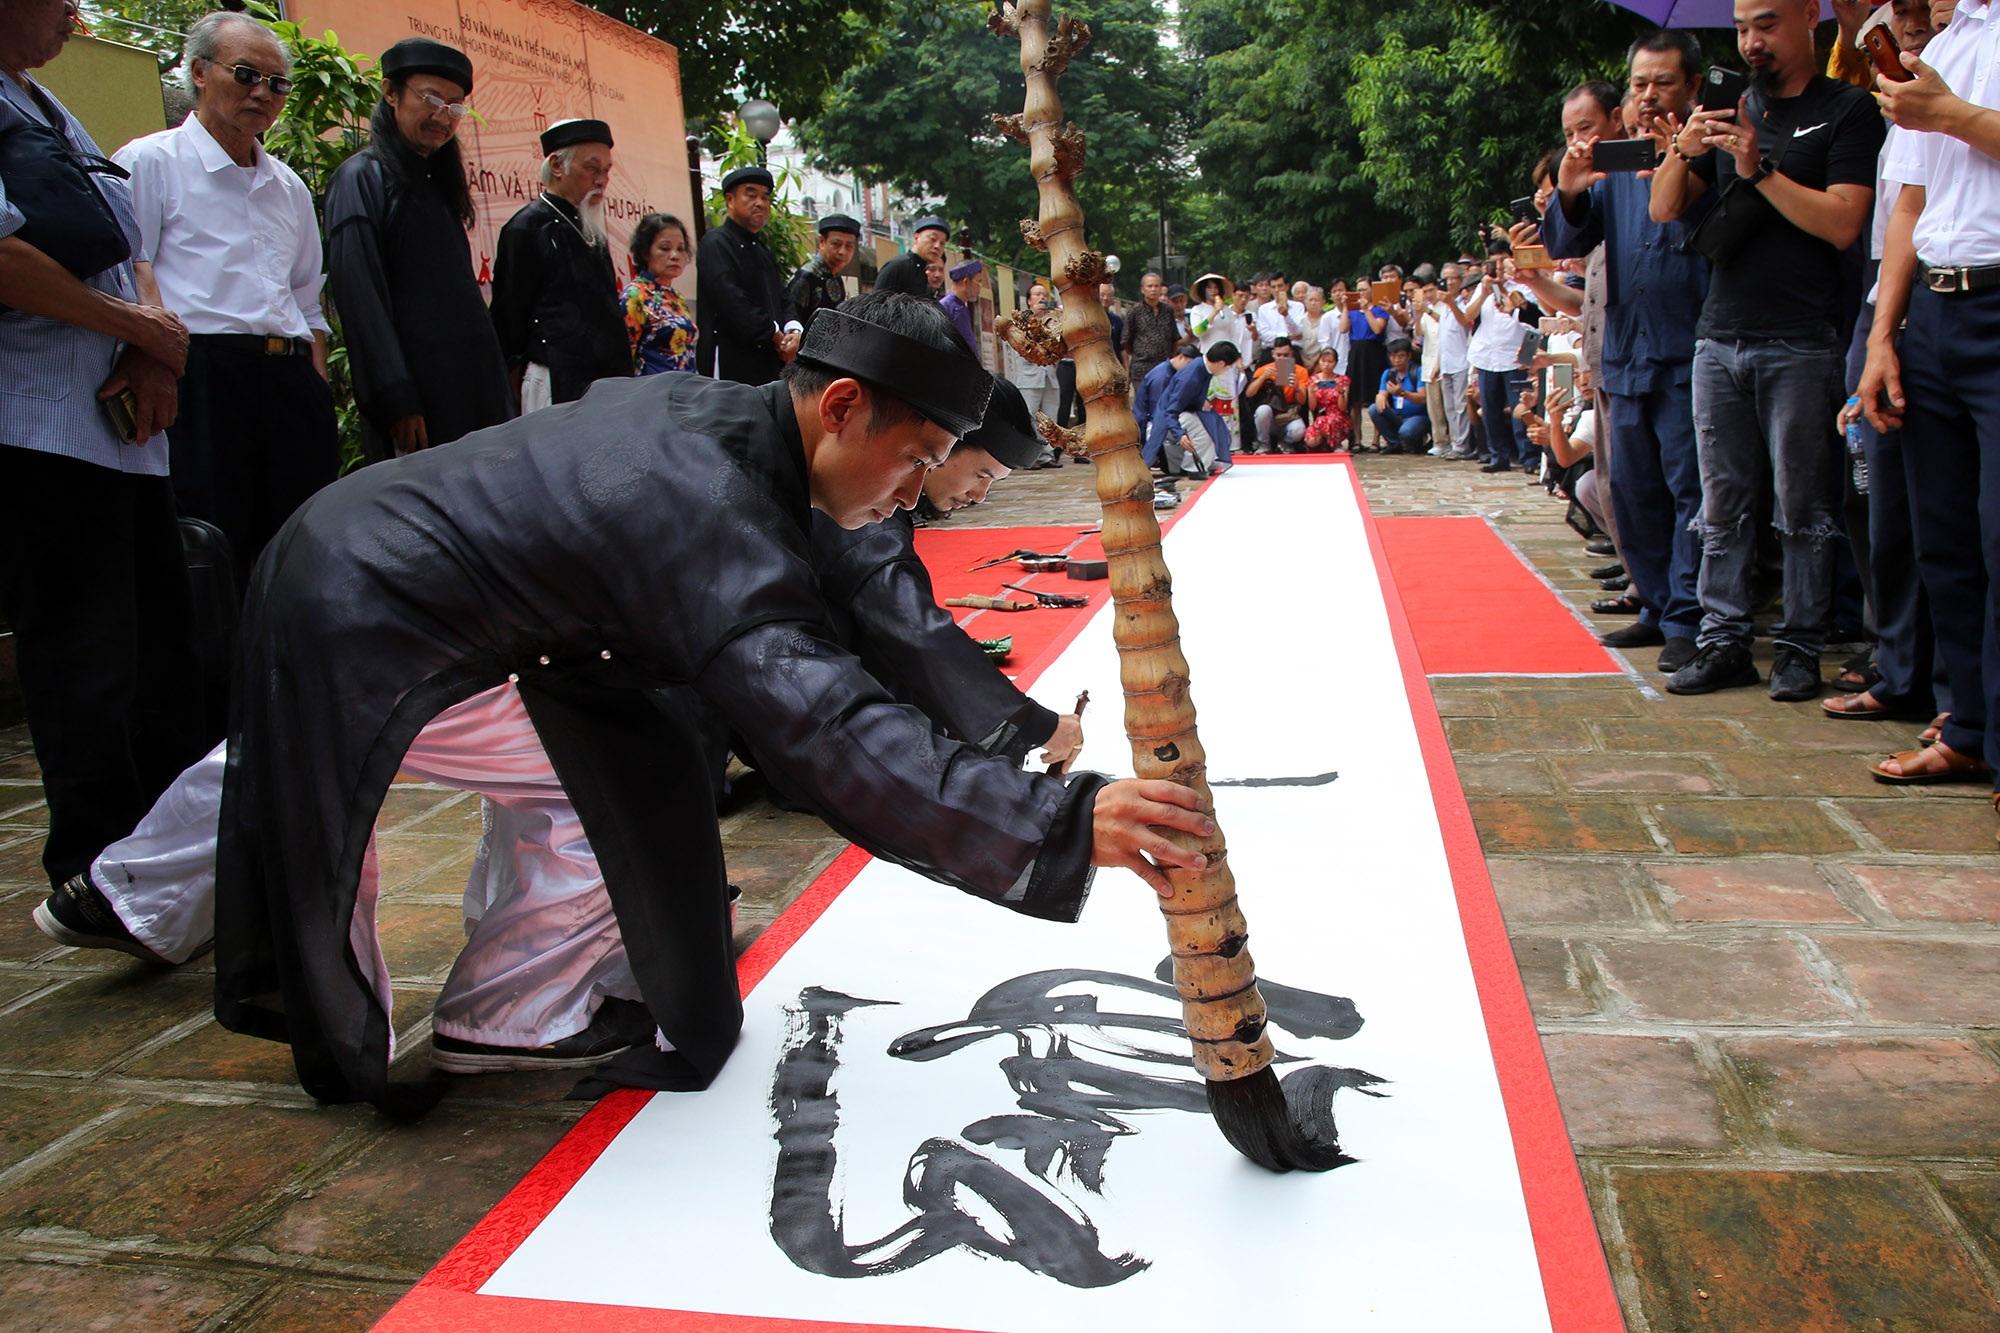 12 thư pháp gia dùng bút khổng lồ viết bức thư pháp dài 12 mét - 8